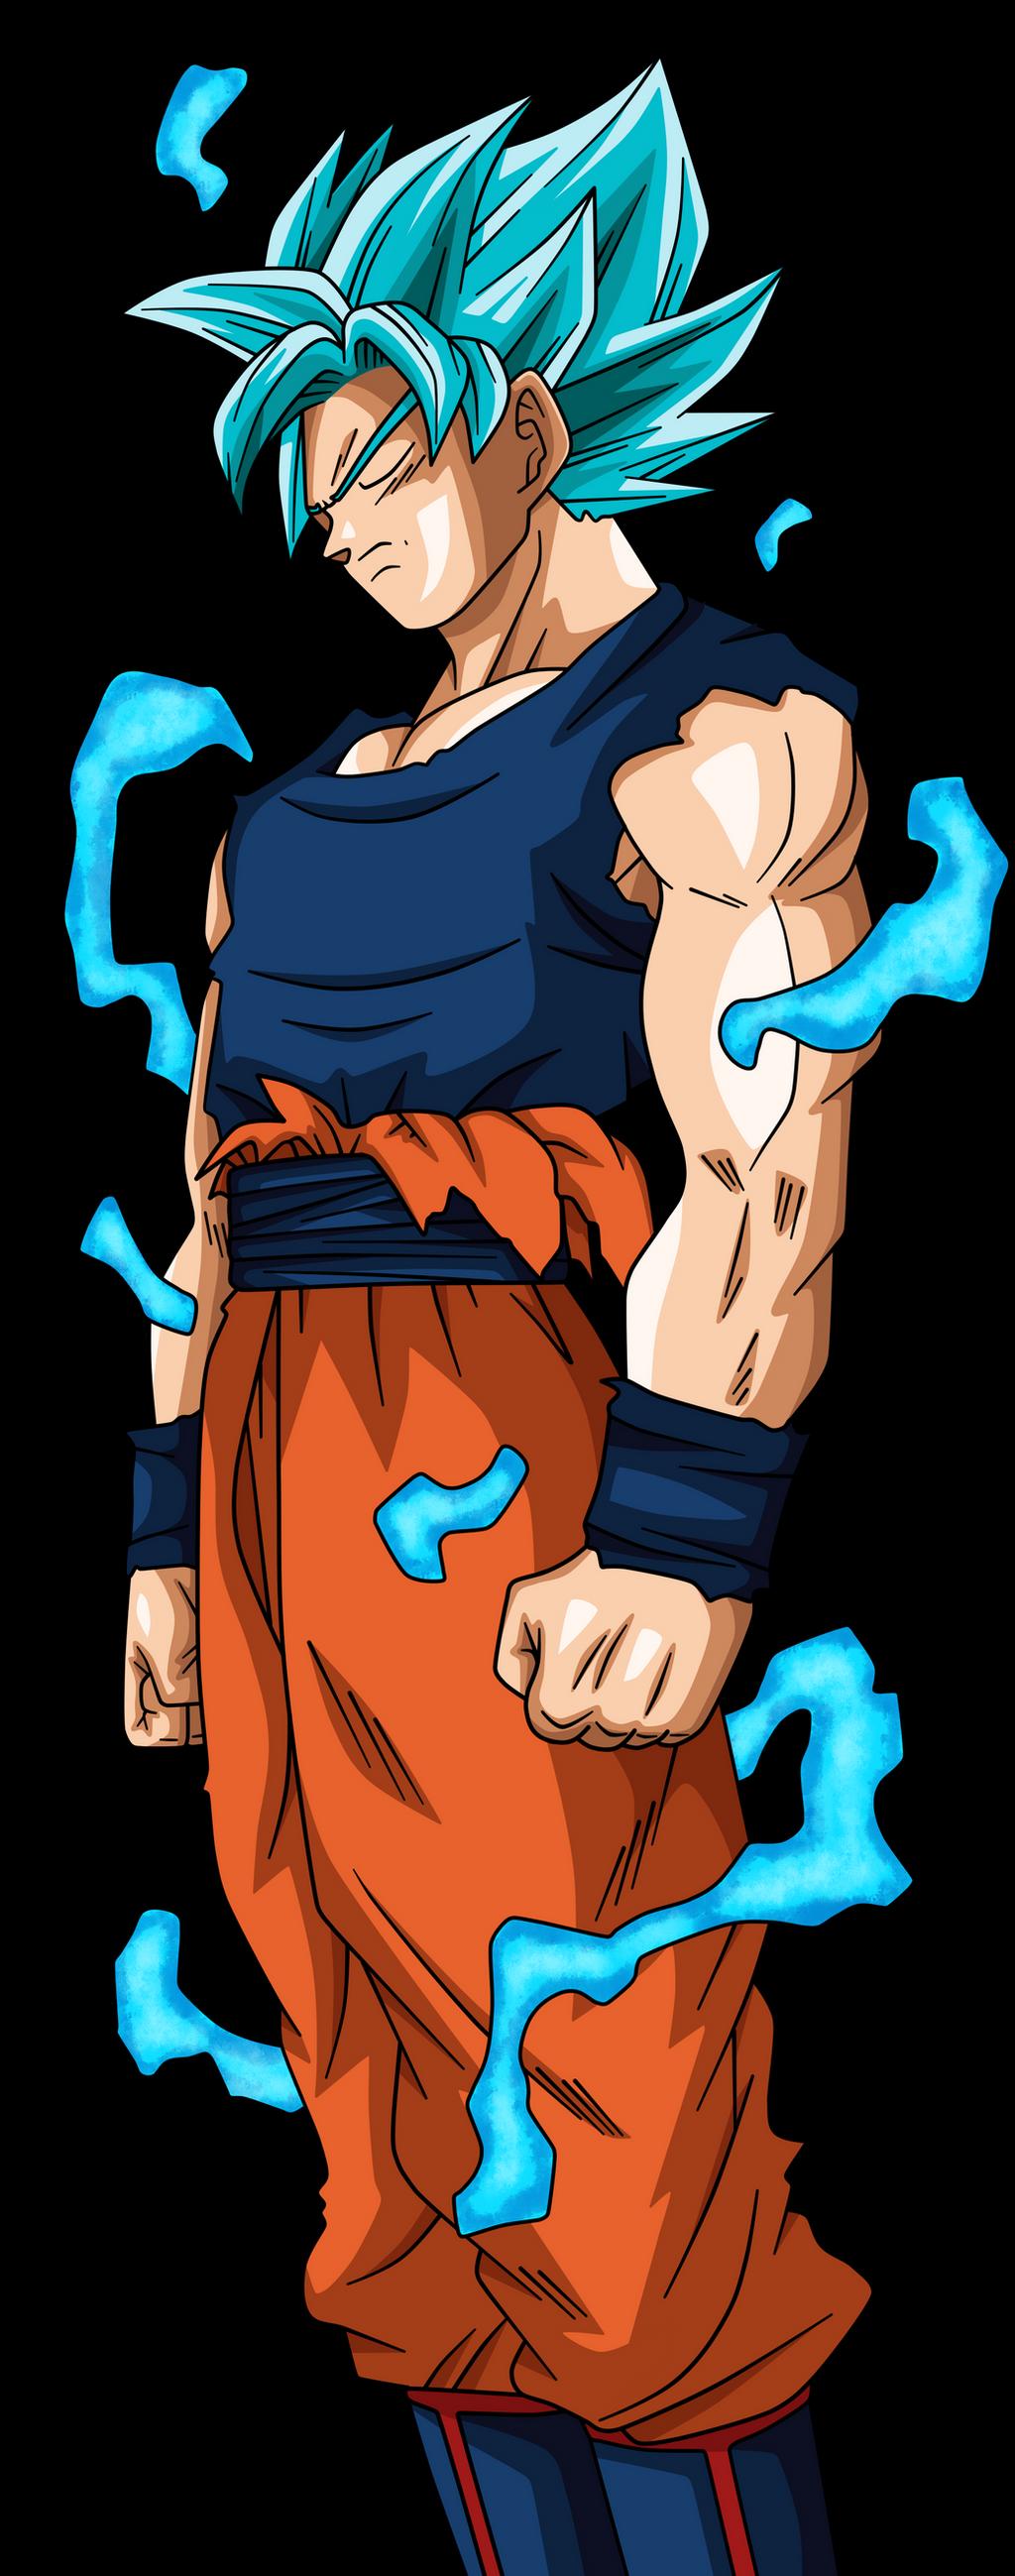 Goku SSJ Blue Full Power by XxCholo15xX on DeviantArt